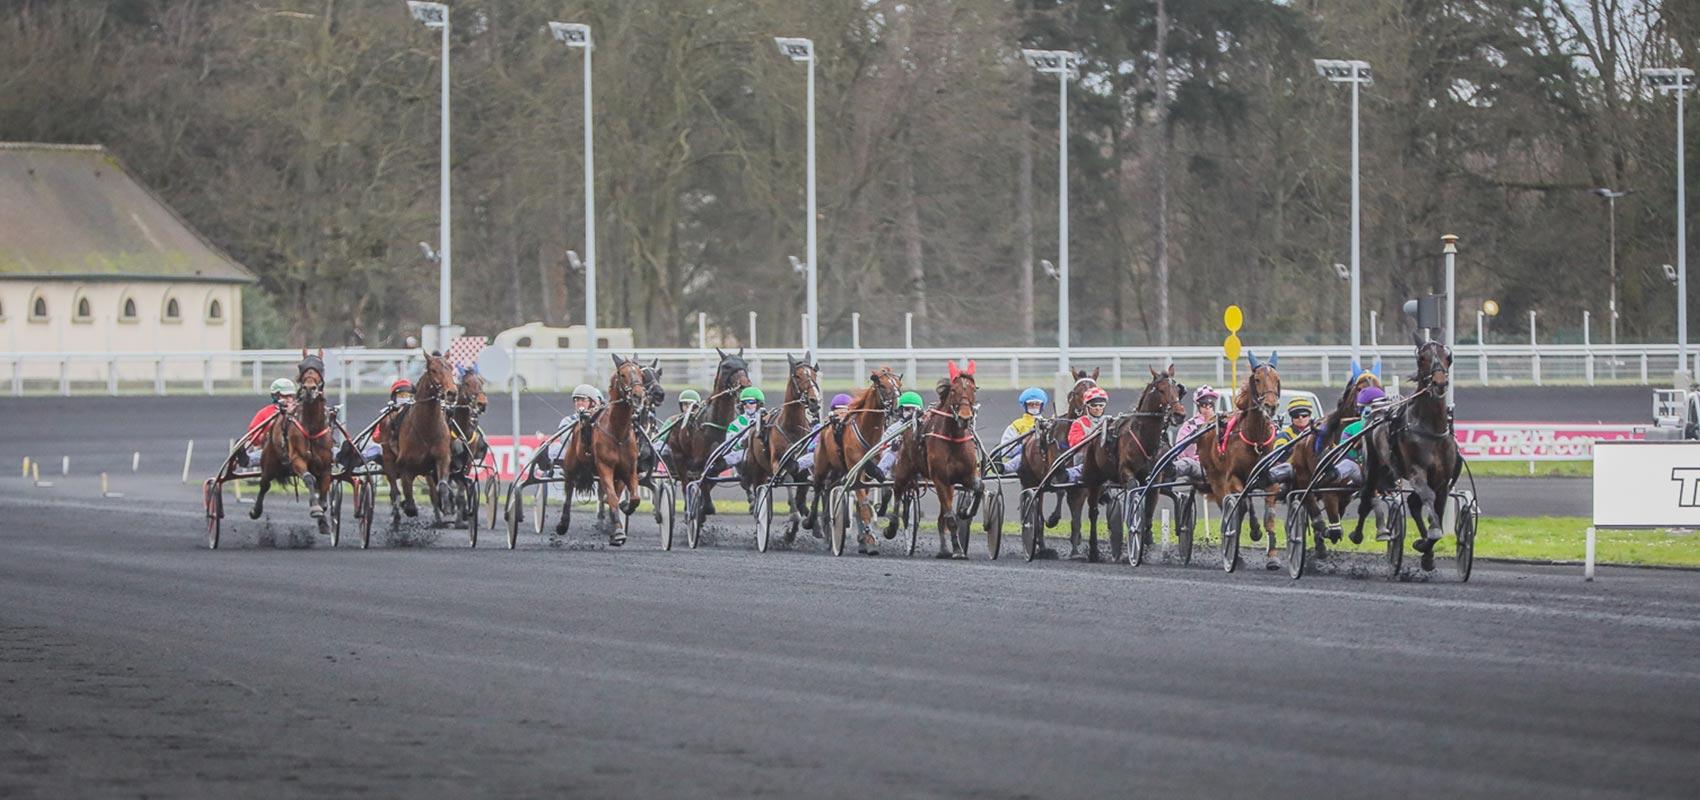 Prix d'Amérique Races ZEturf QUALIF #6 Prix de Belgique